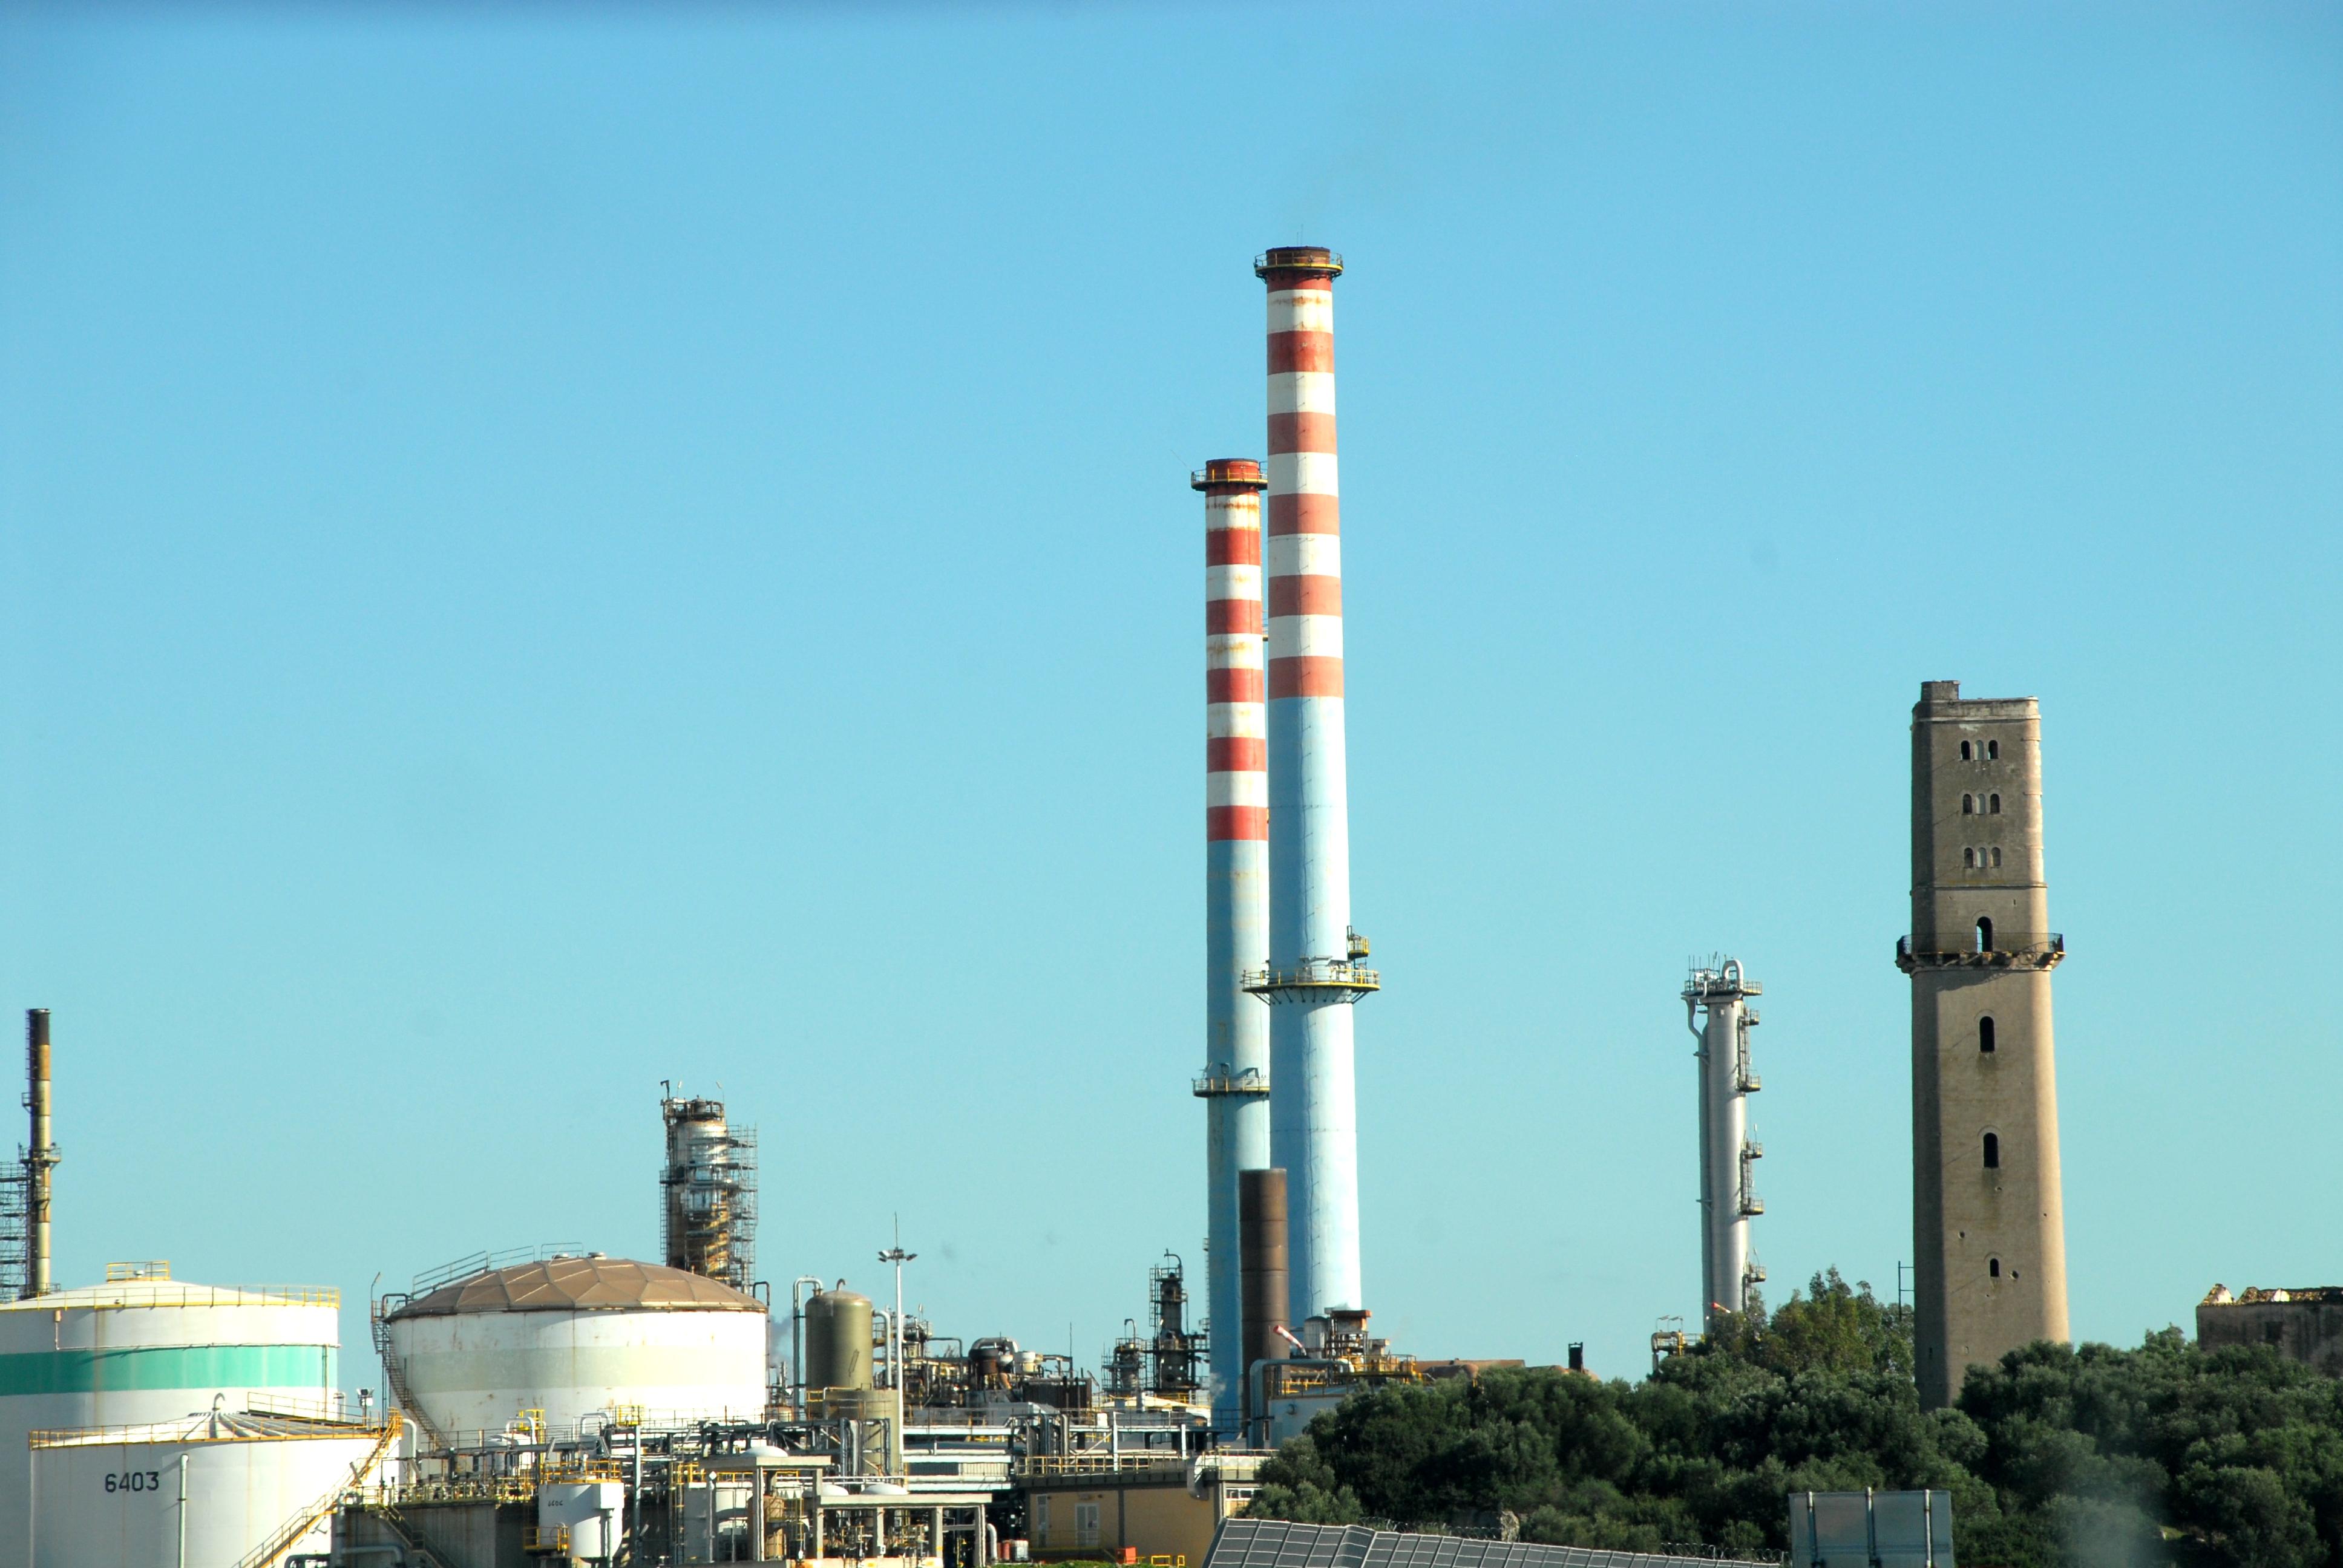 Complesso industriale a Taranto (Foto: Mauro Oricchio)